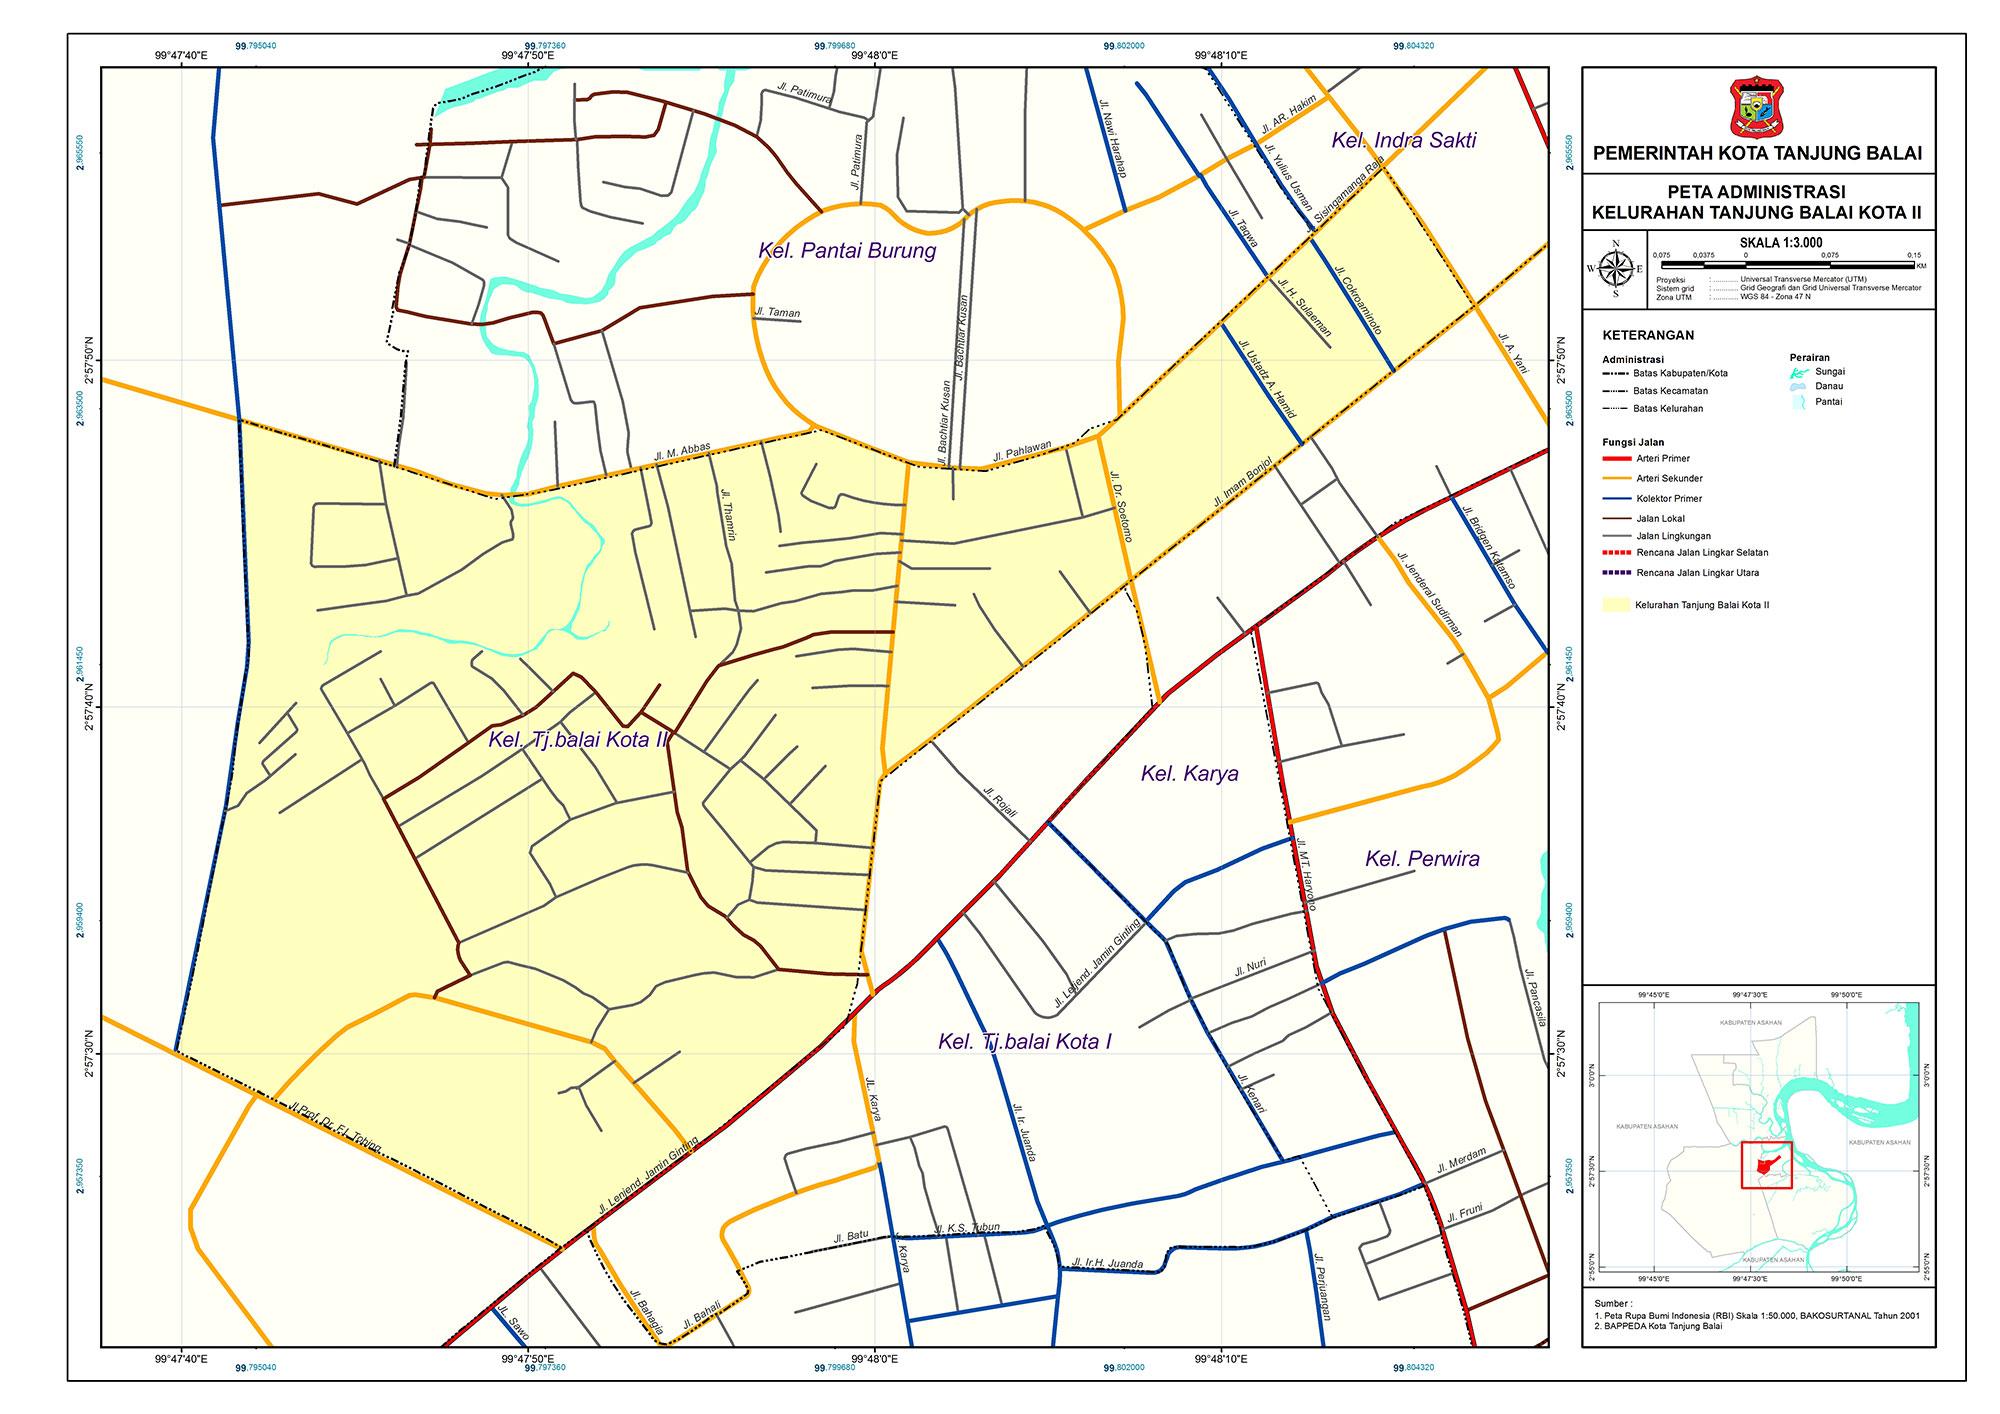 Peta Kelurahan - Kecamatan Tanjungbalai Selatan